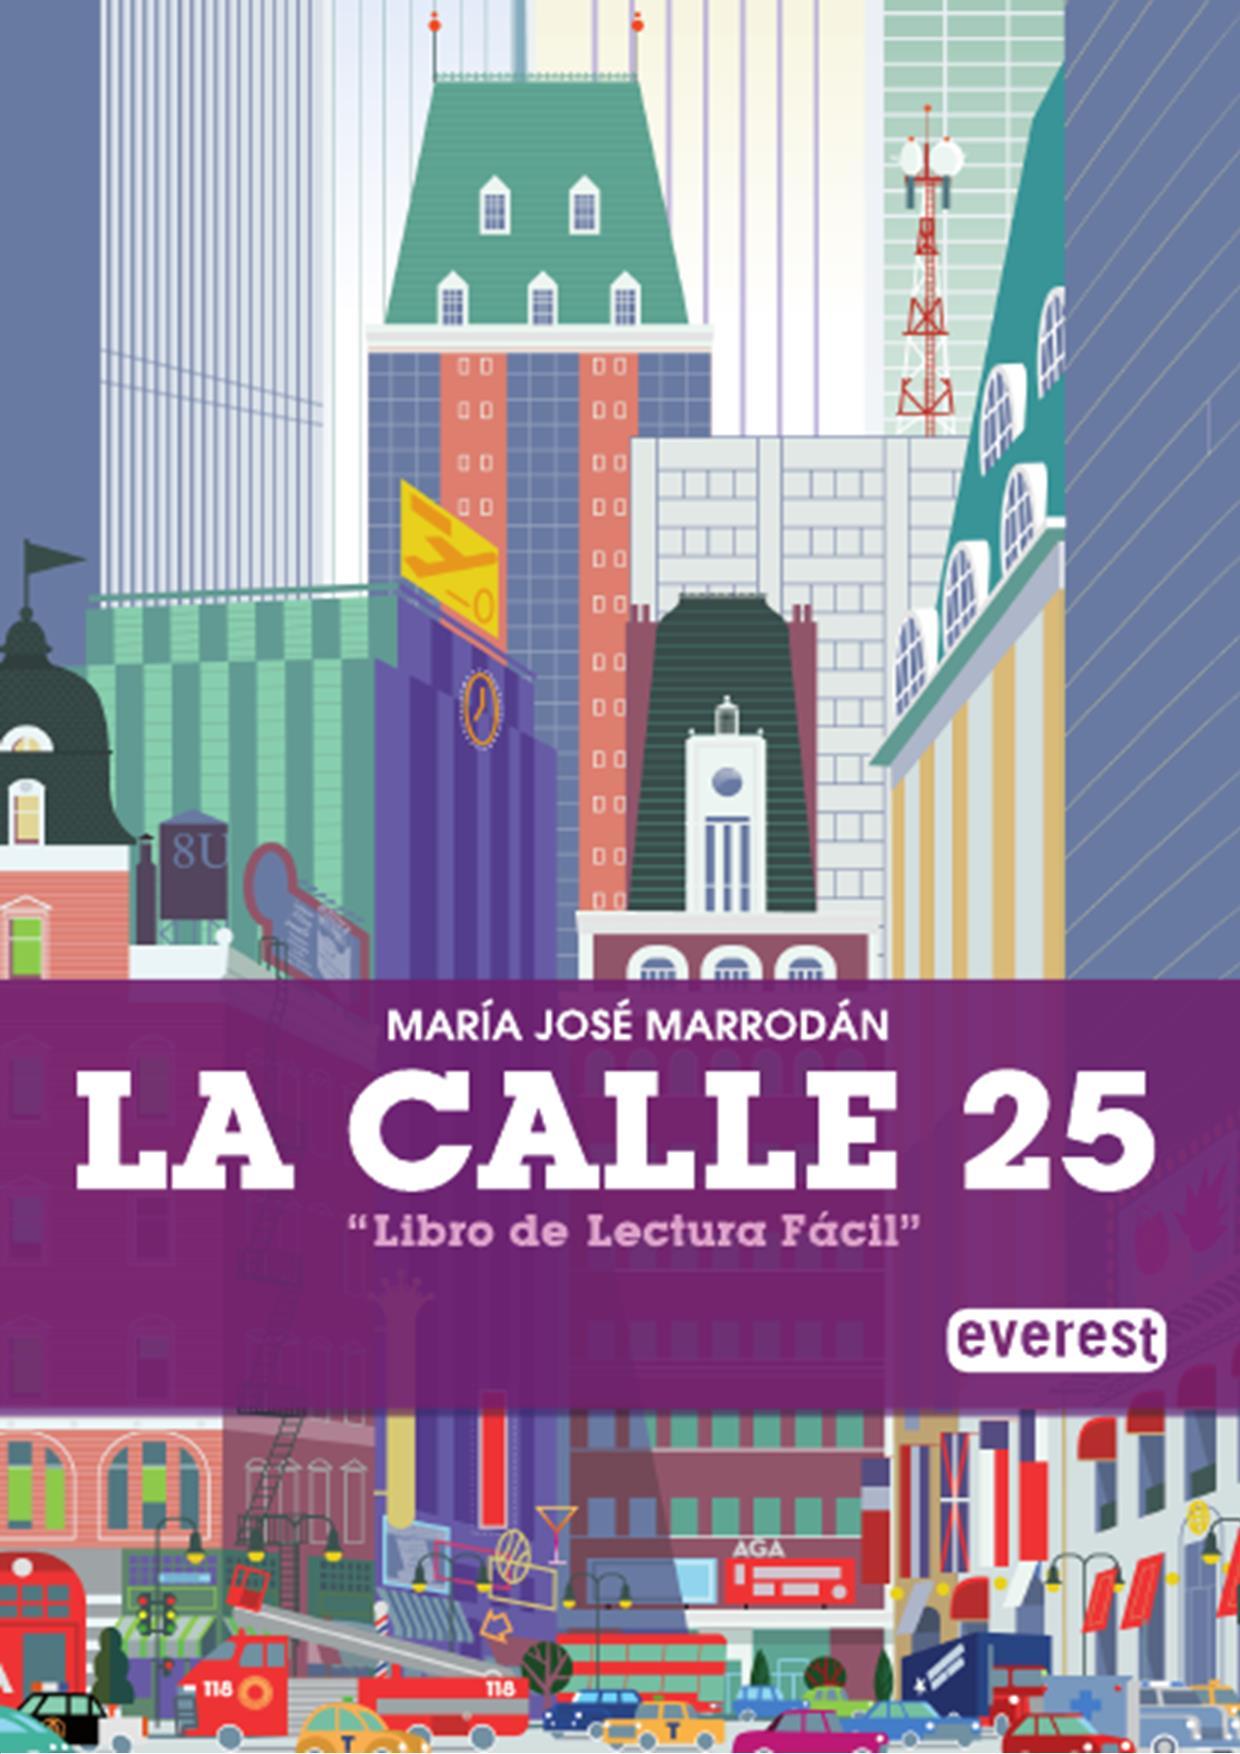 Portada libro de lectura fácil - La Calle 25